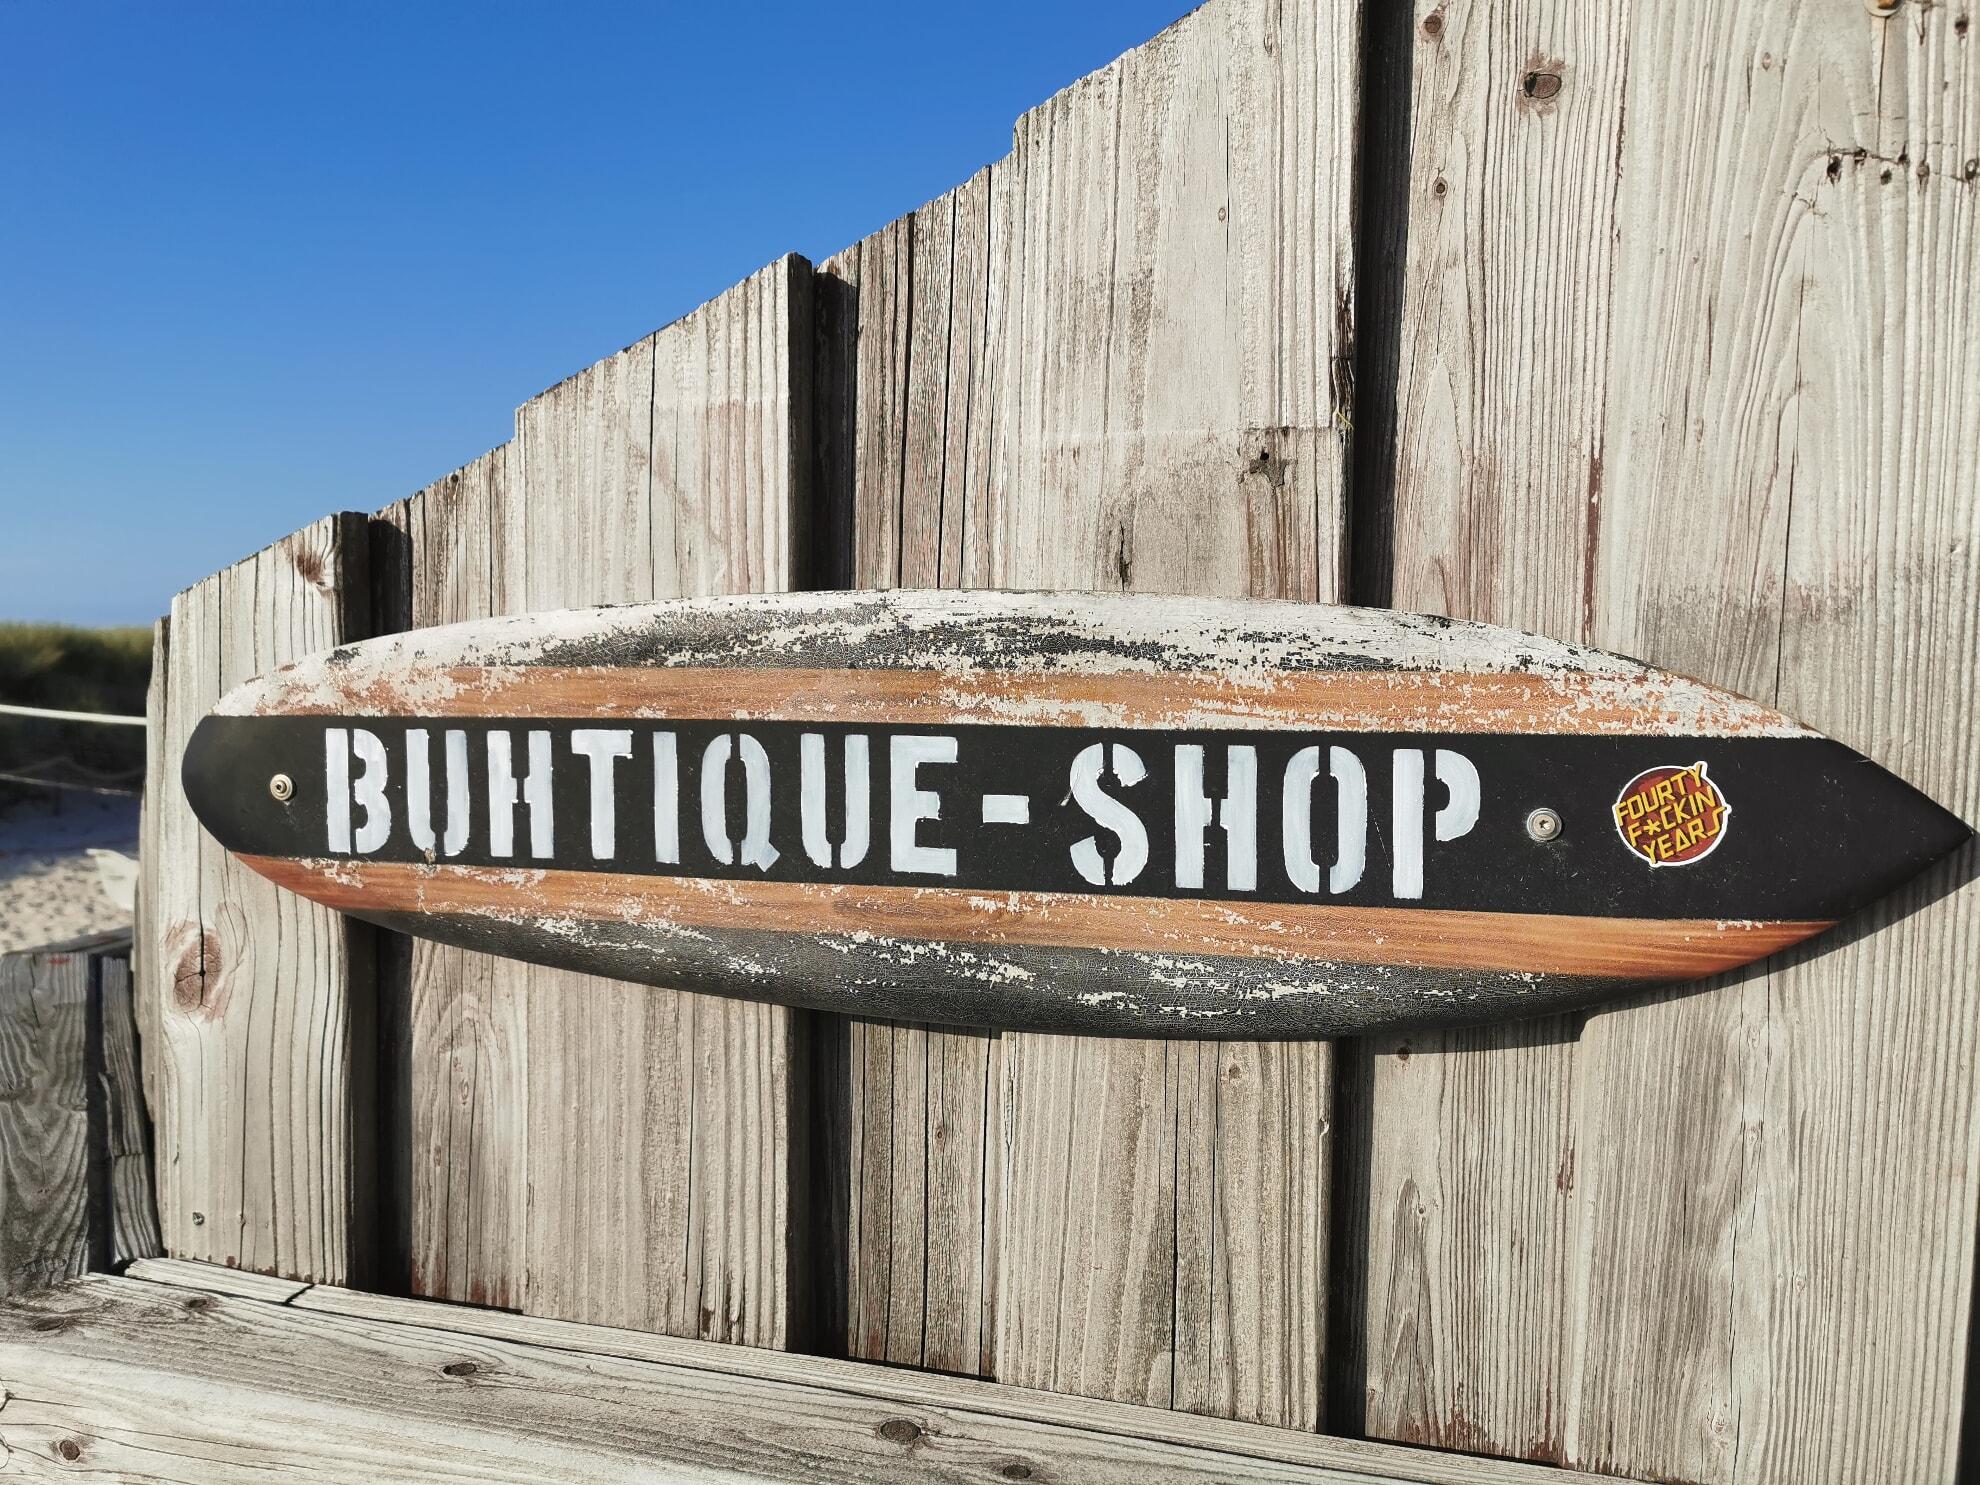 Buhtique